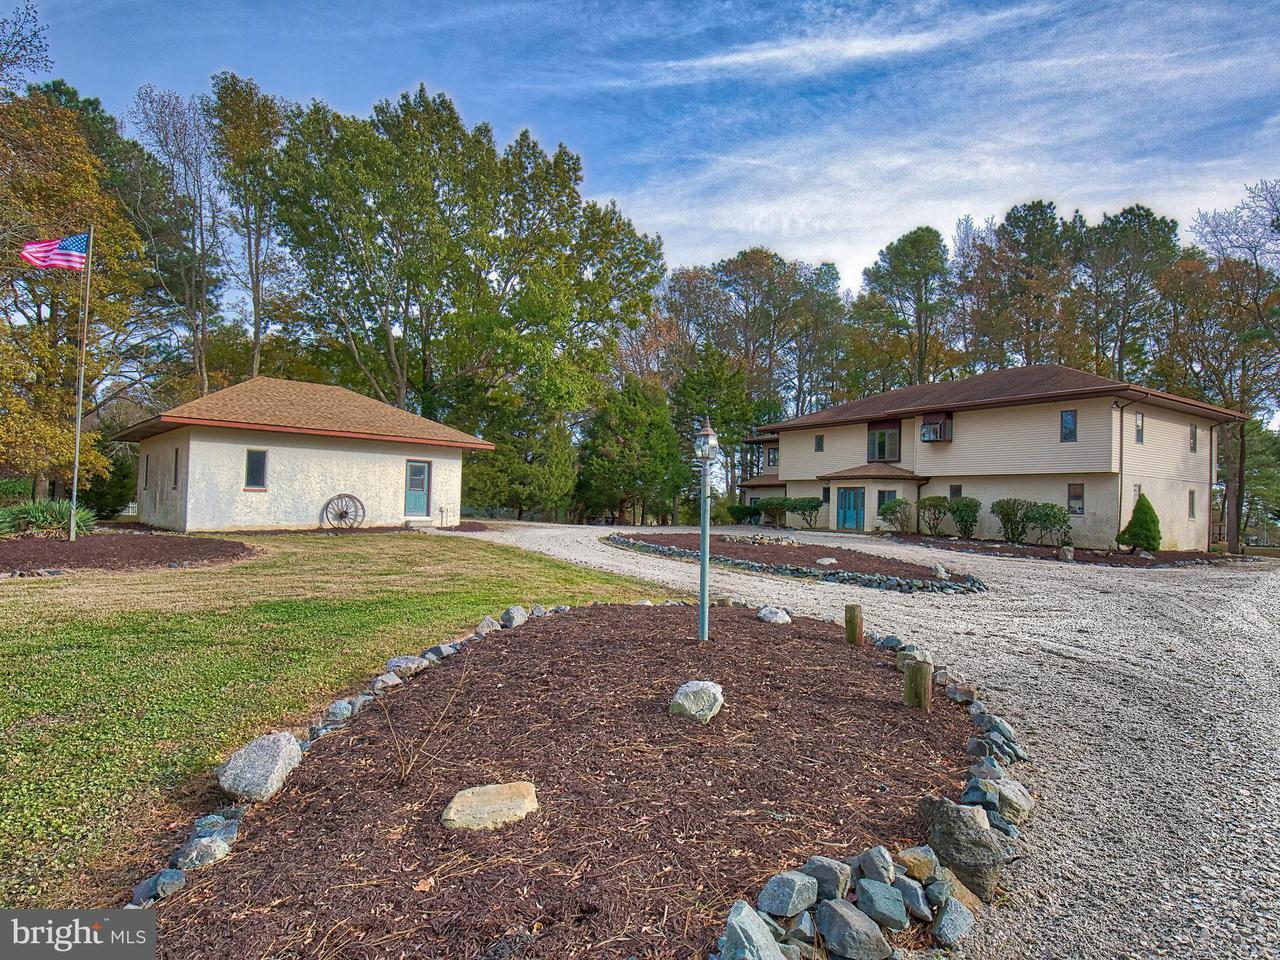 一戸建て のために 売買 アット 6554 South Point Road 6554 South Point Road Ocean City, メリーランド 21842 アメリカ合衆国